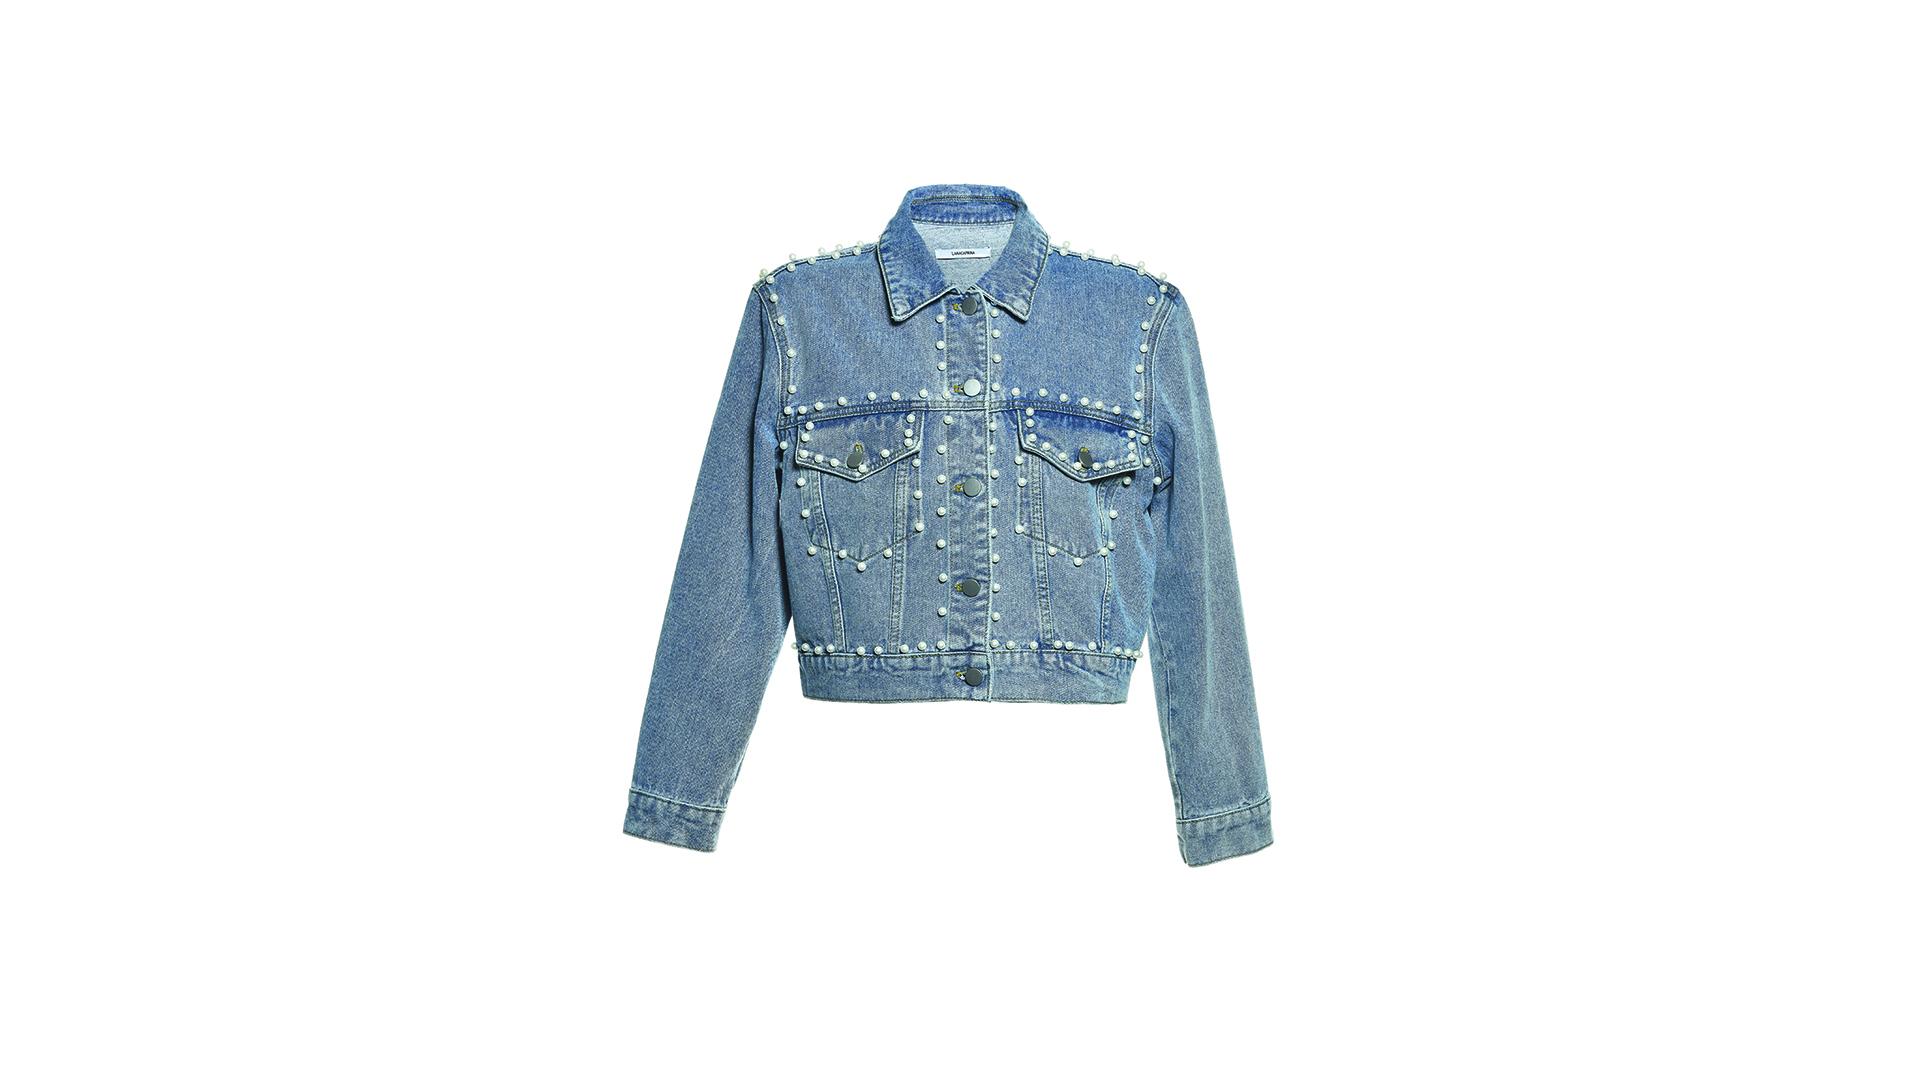 Giacca Uomo Casual in Cotone Vintage Giaccone Moda di Mezza Stagione Tipo Jeans